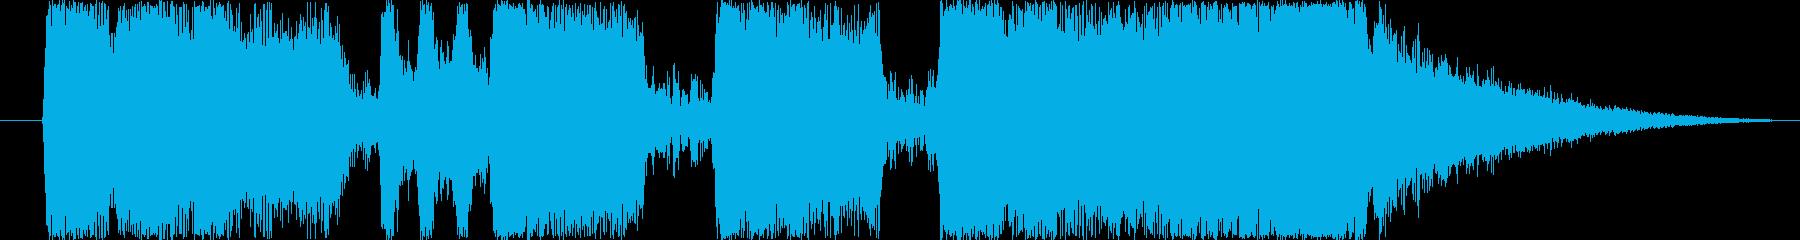 ファンファーレ3の再生済みの波形